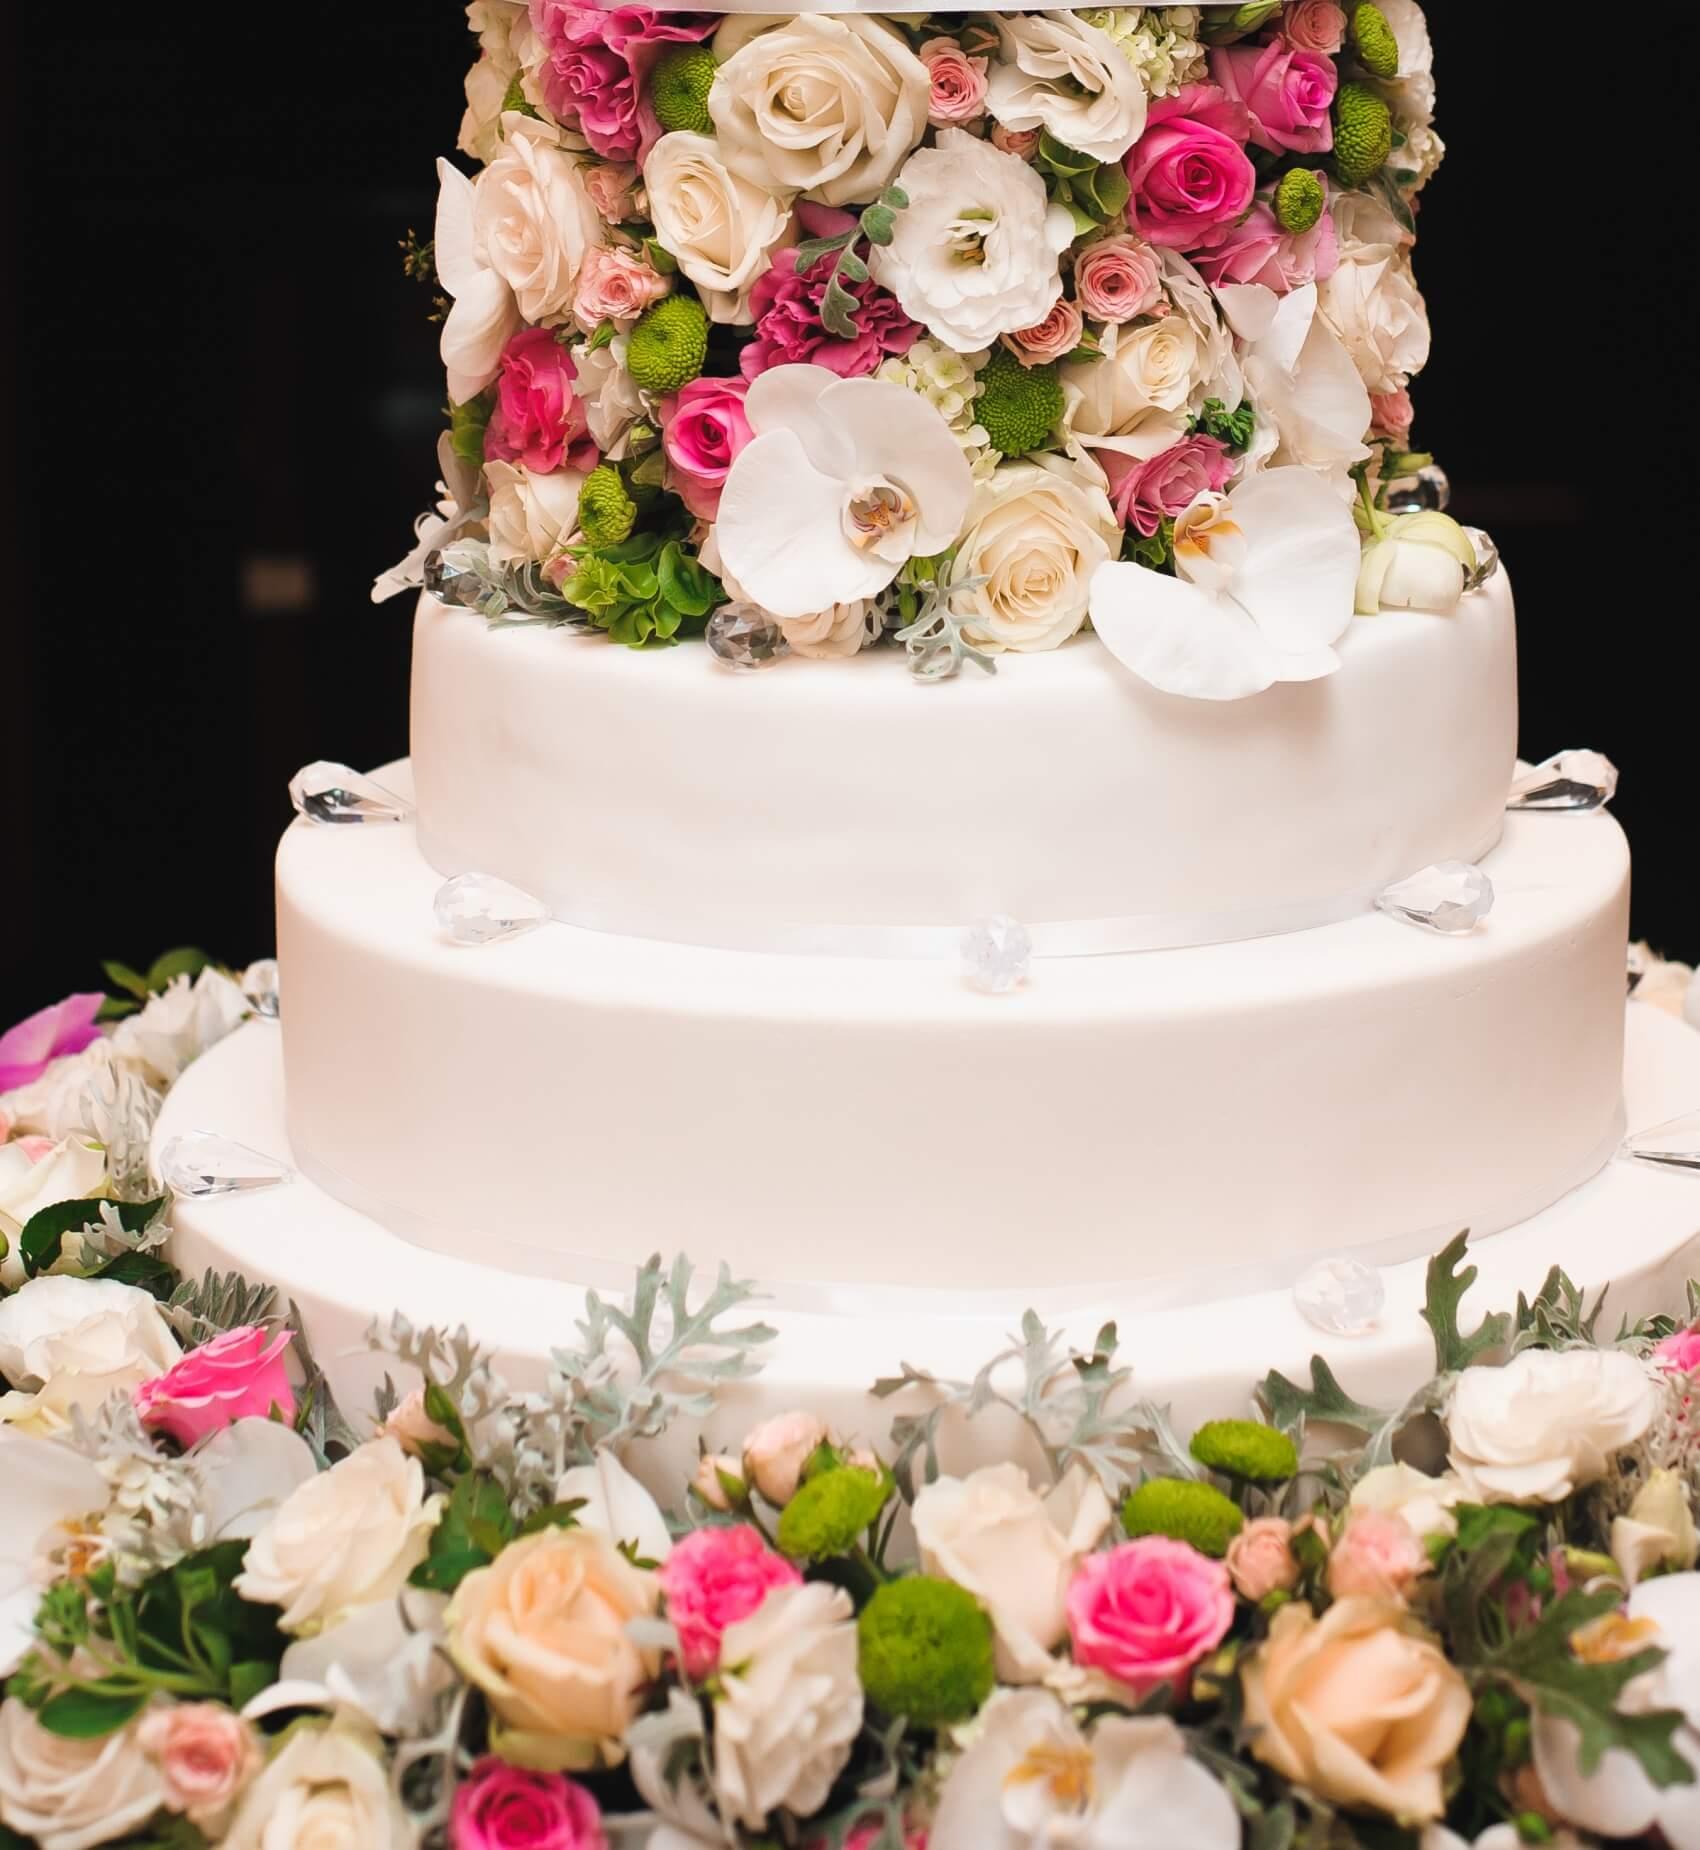 Katlı Düğün Pastası Nasıl Olur